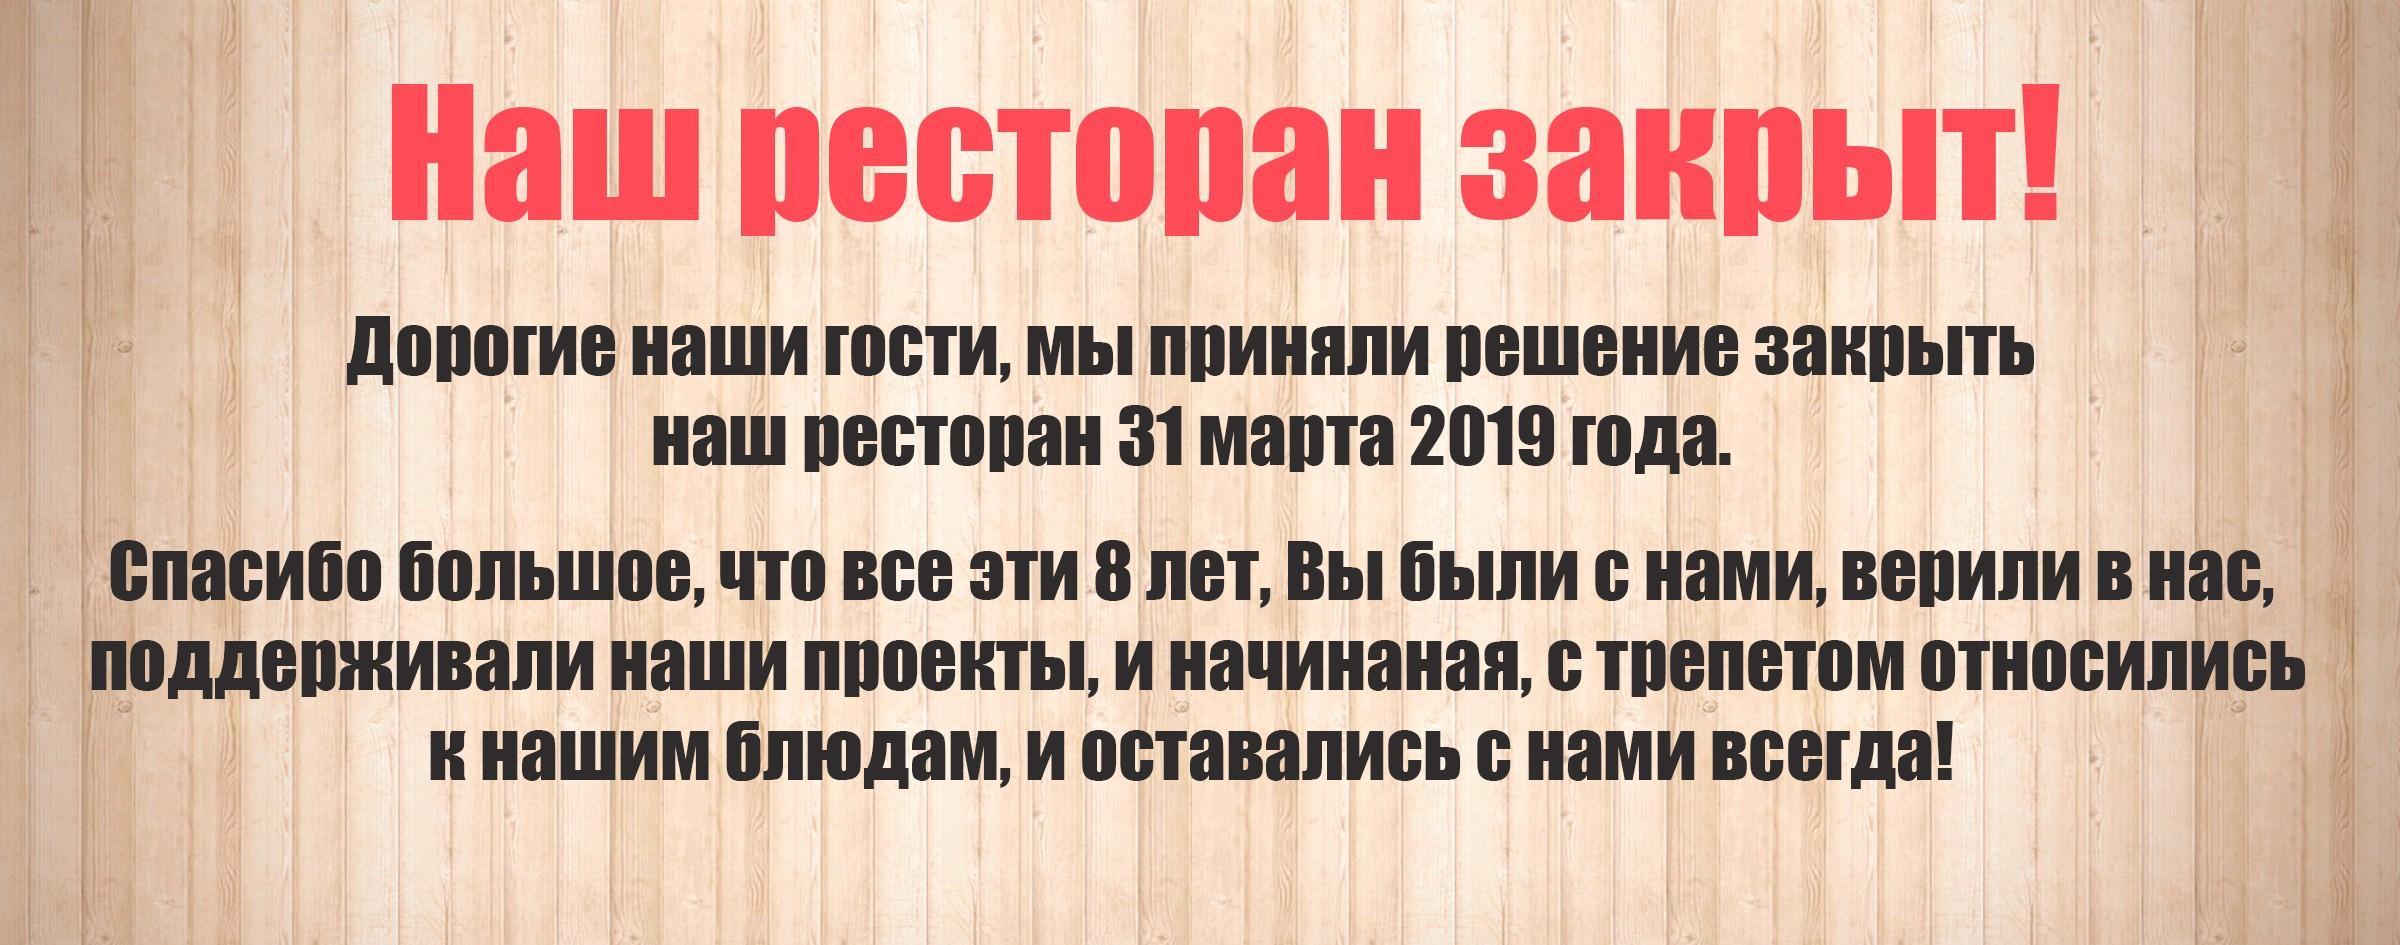 НАШ РЕСТОРАН ЗАКРЫВАЕТСЯ!